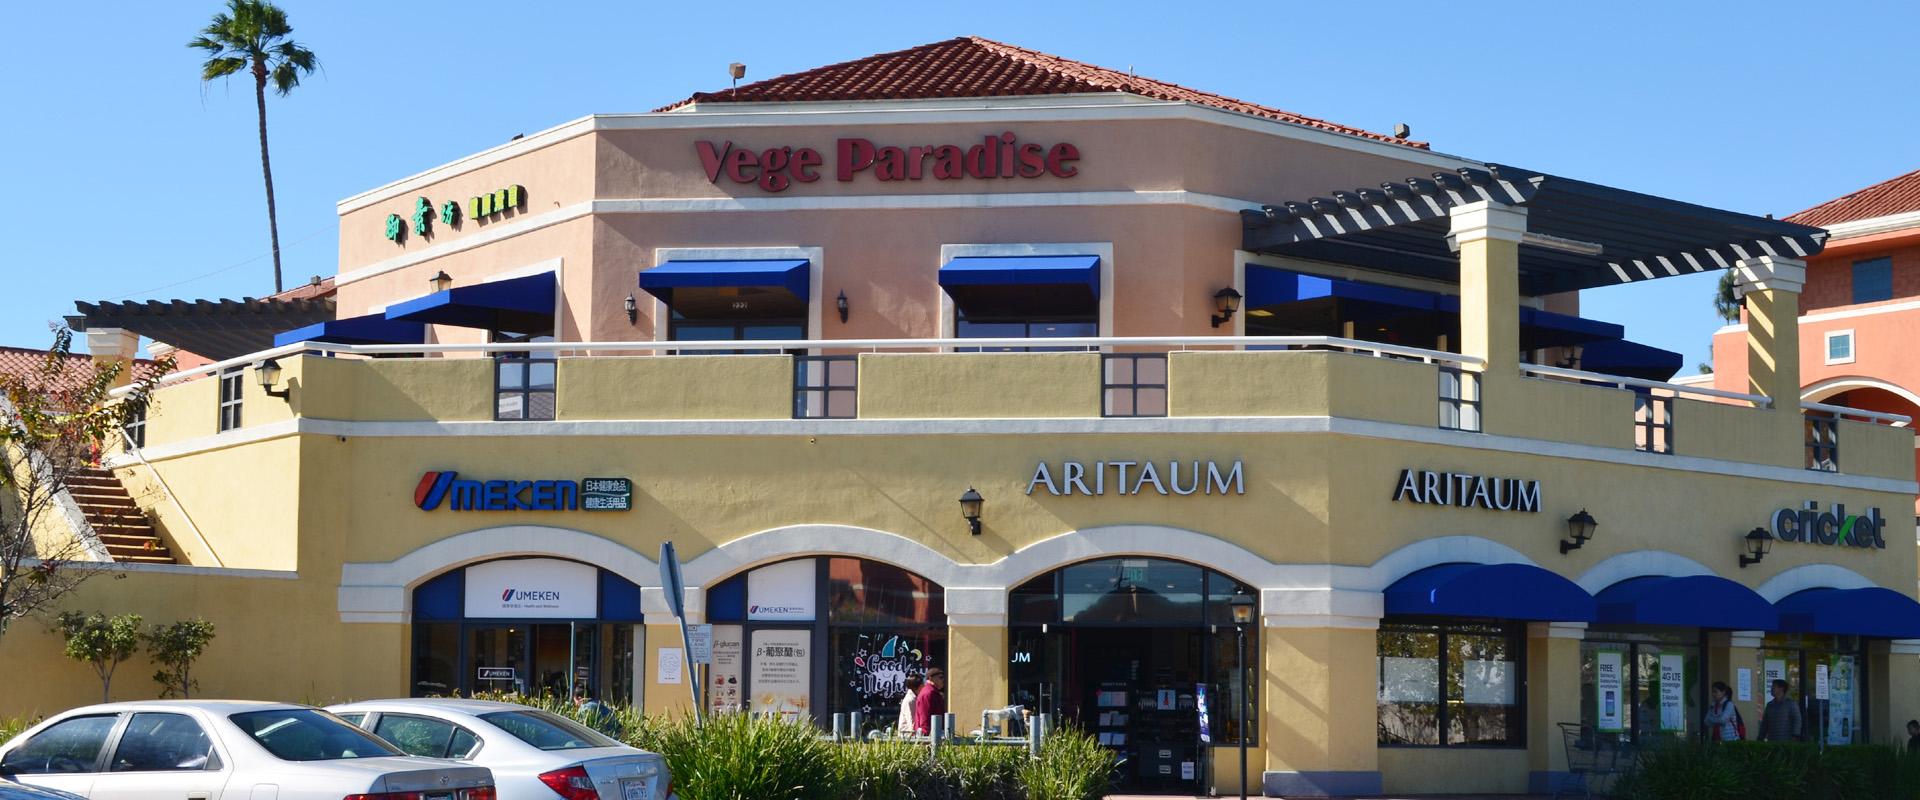 Vege Paradise Restaurant San Gabriel Store